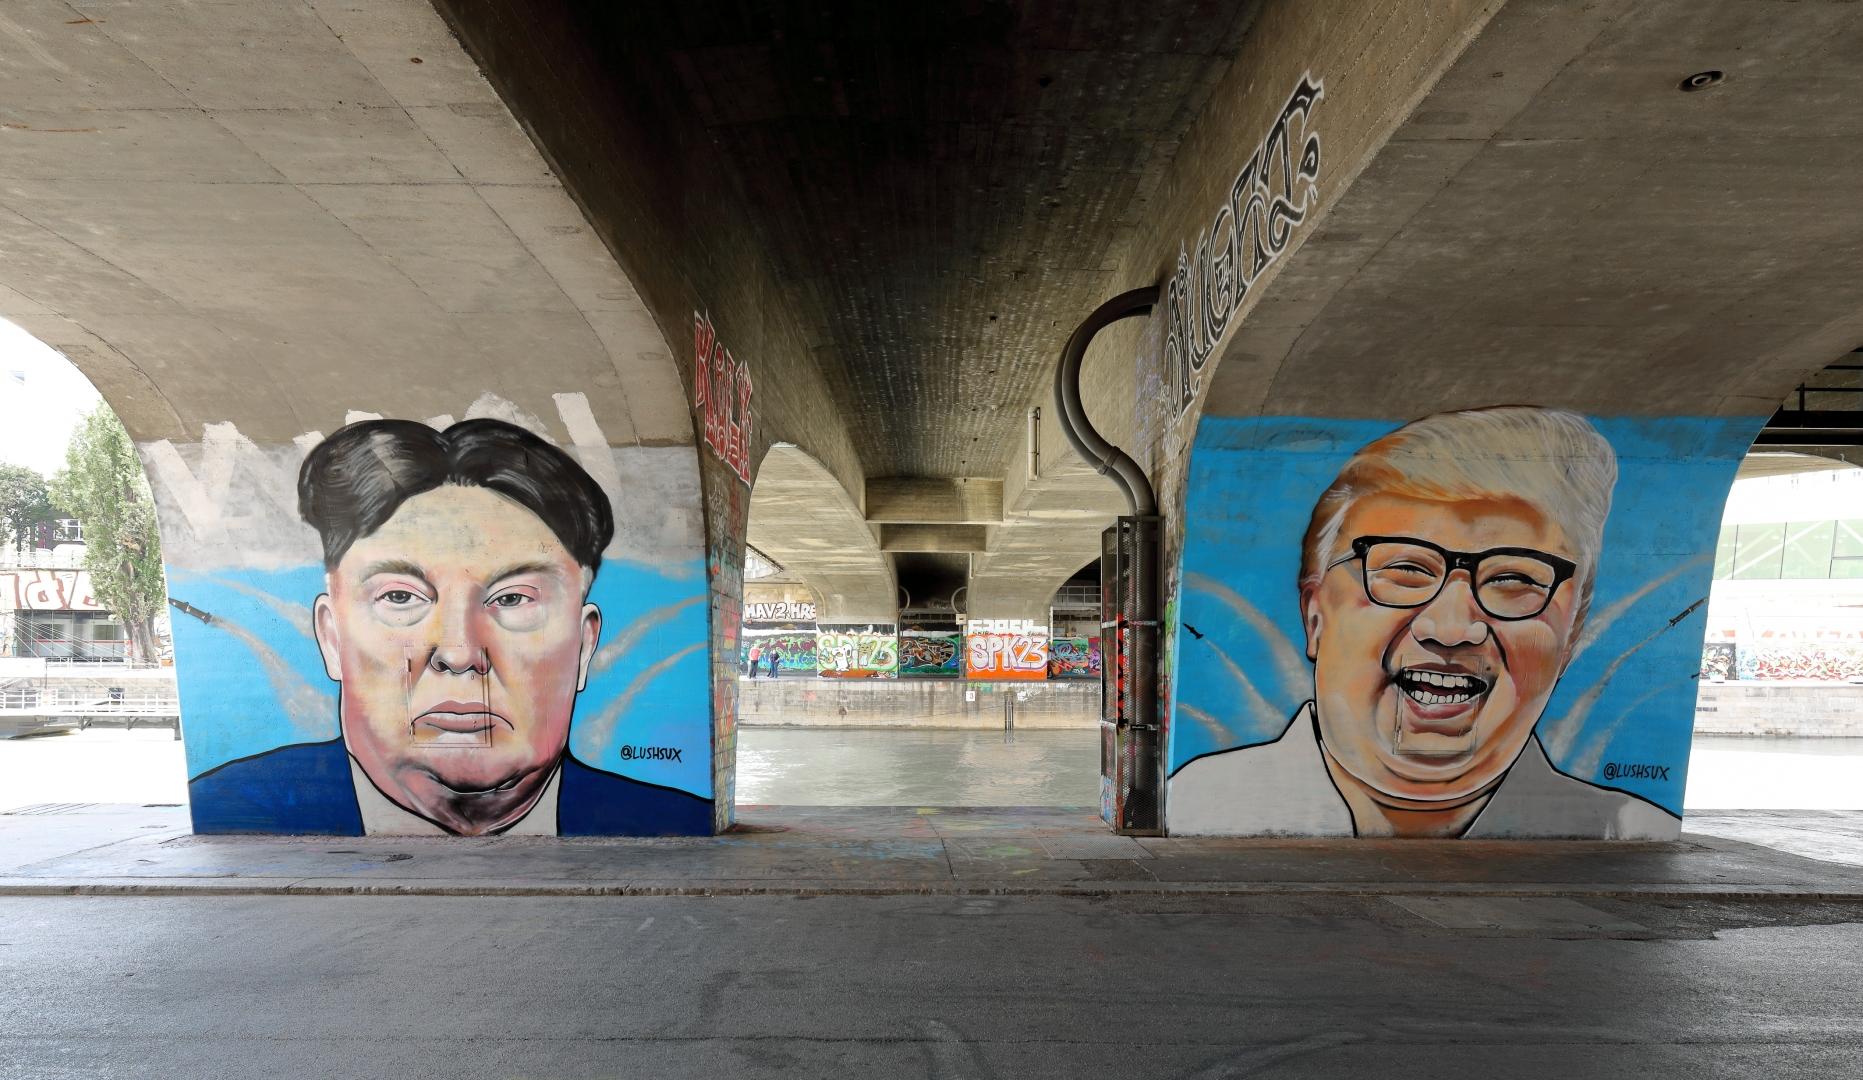 Дональд Трамп и Ким Чен Ын. Граффити.